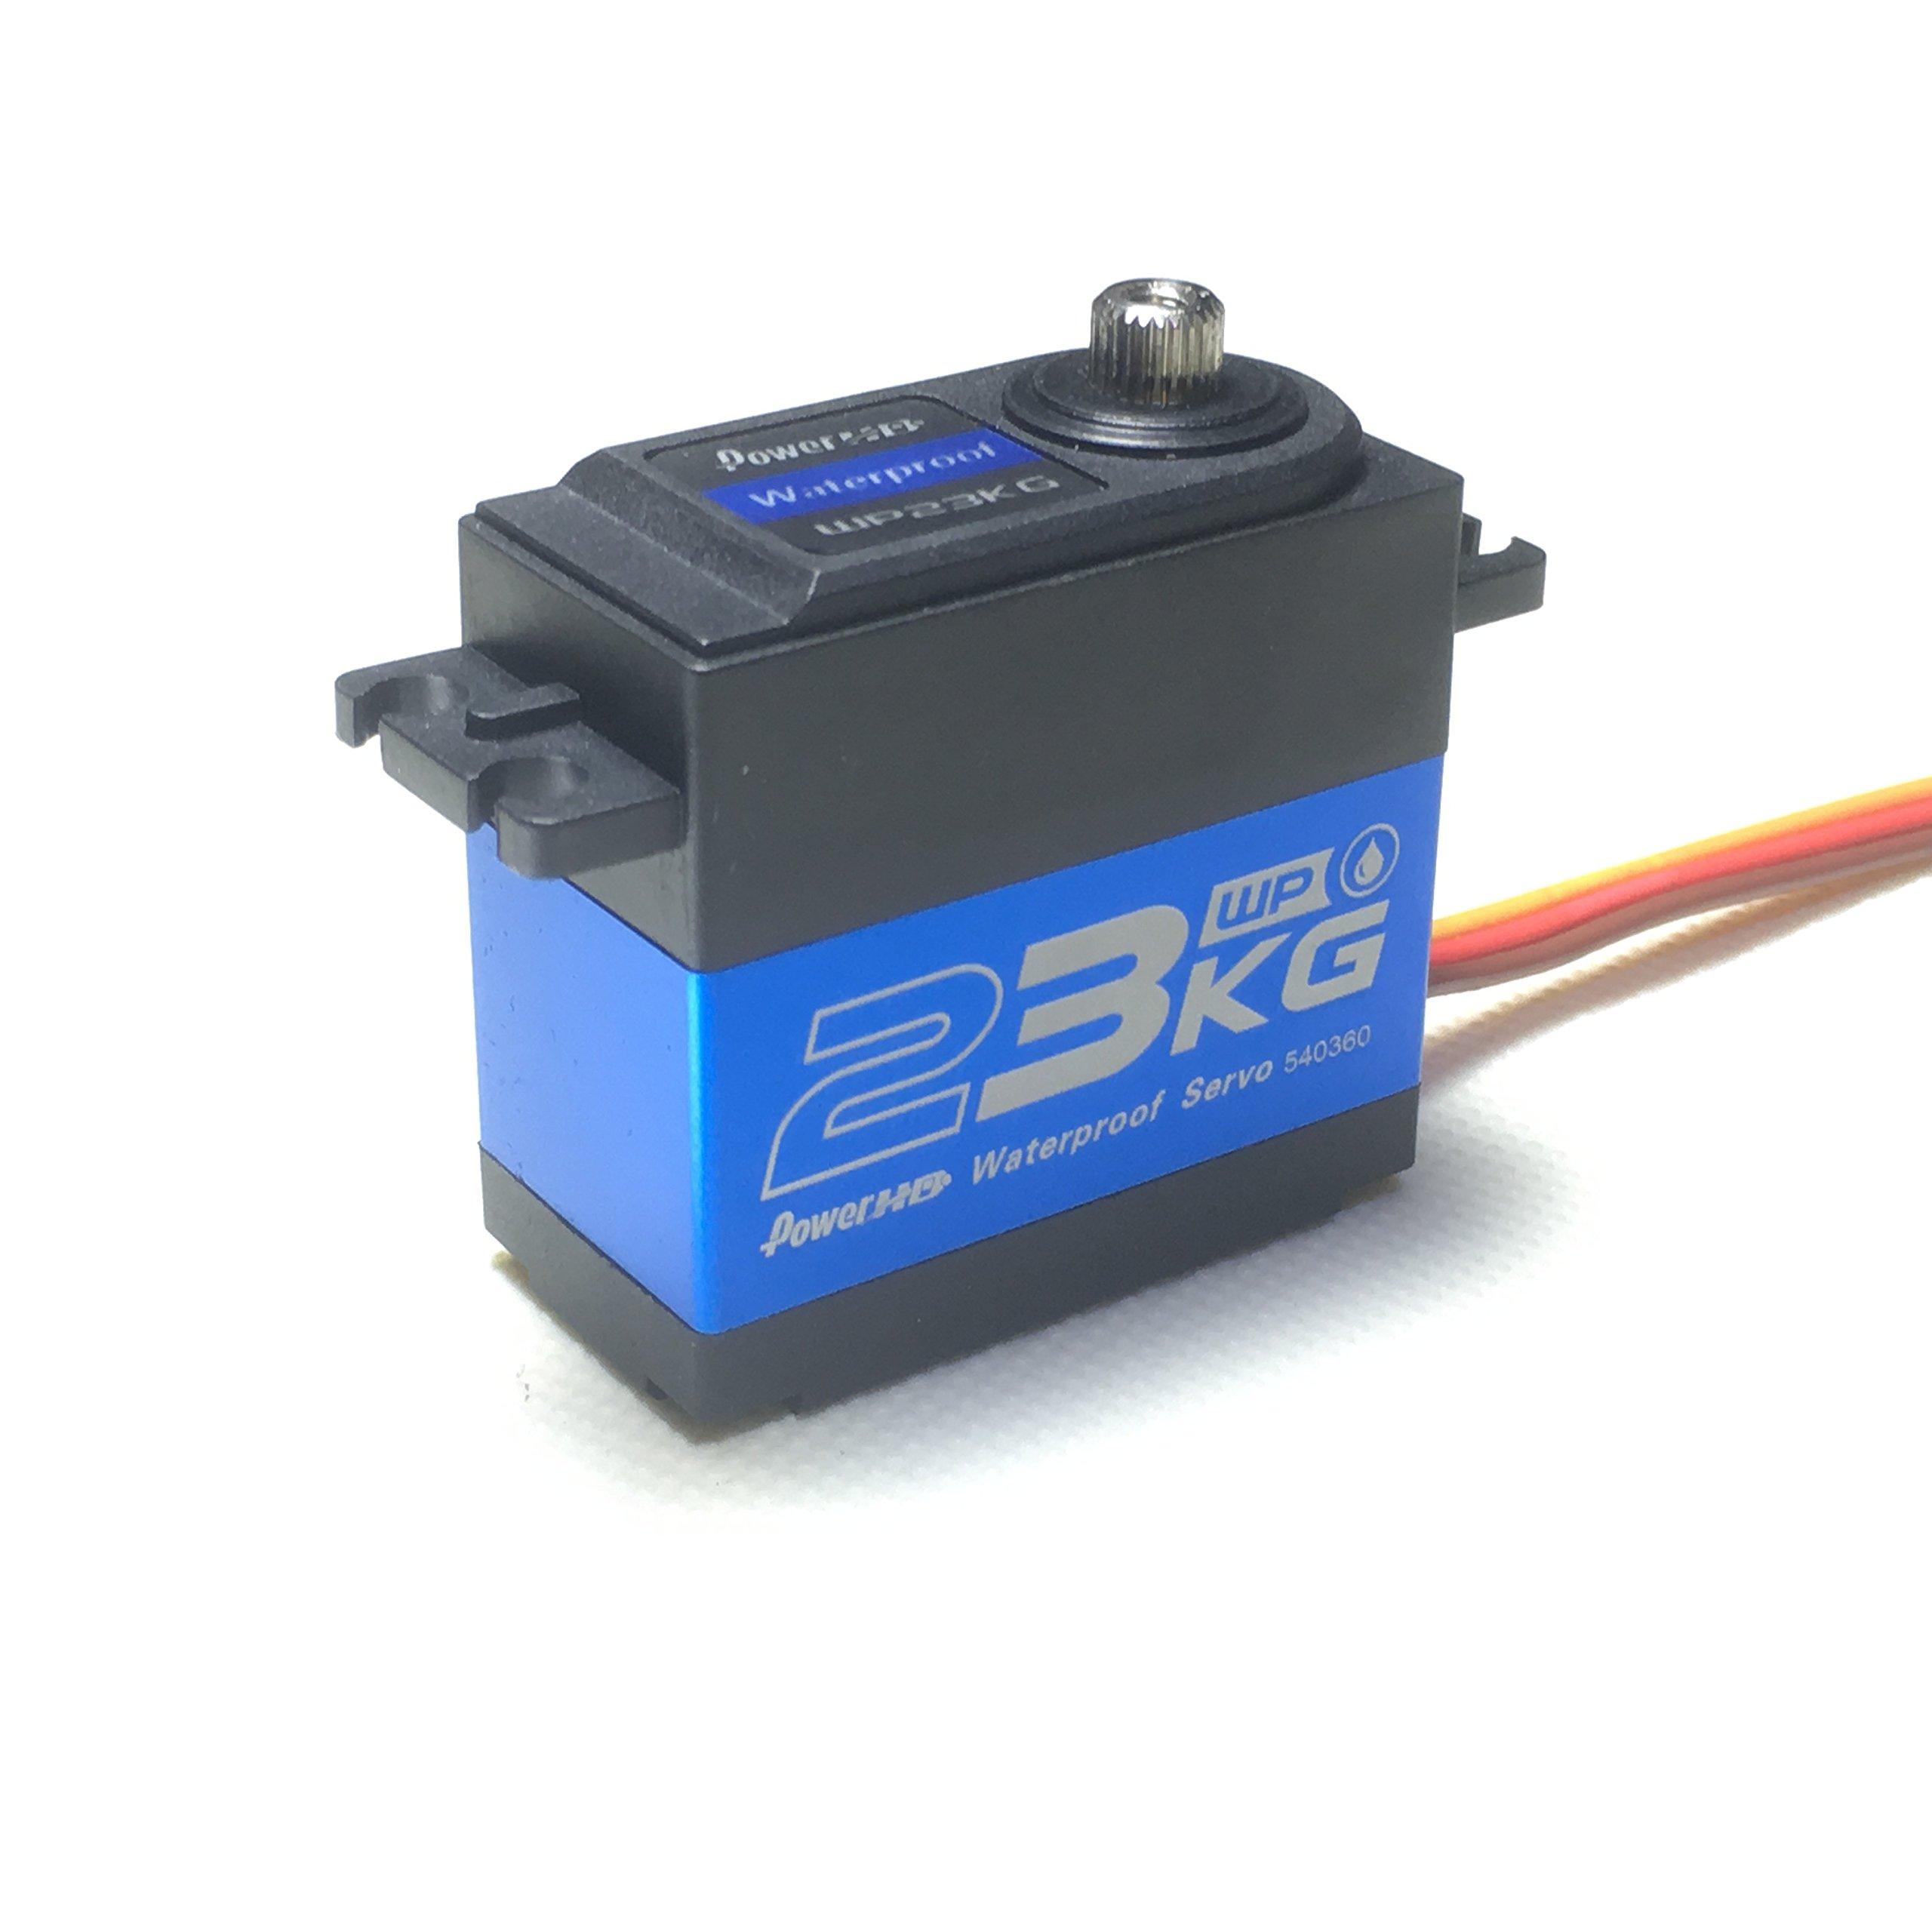 Power HD WP 23KG Waterproof Digital